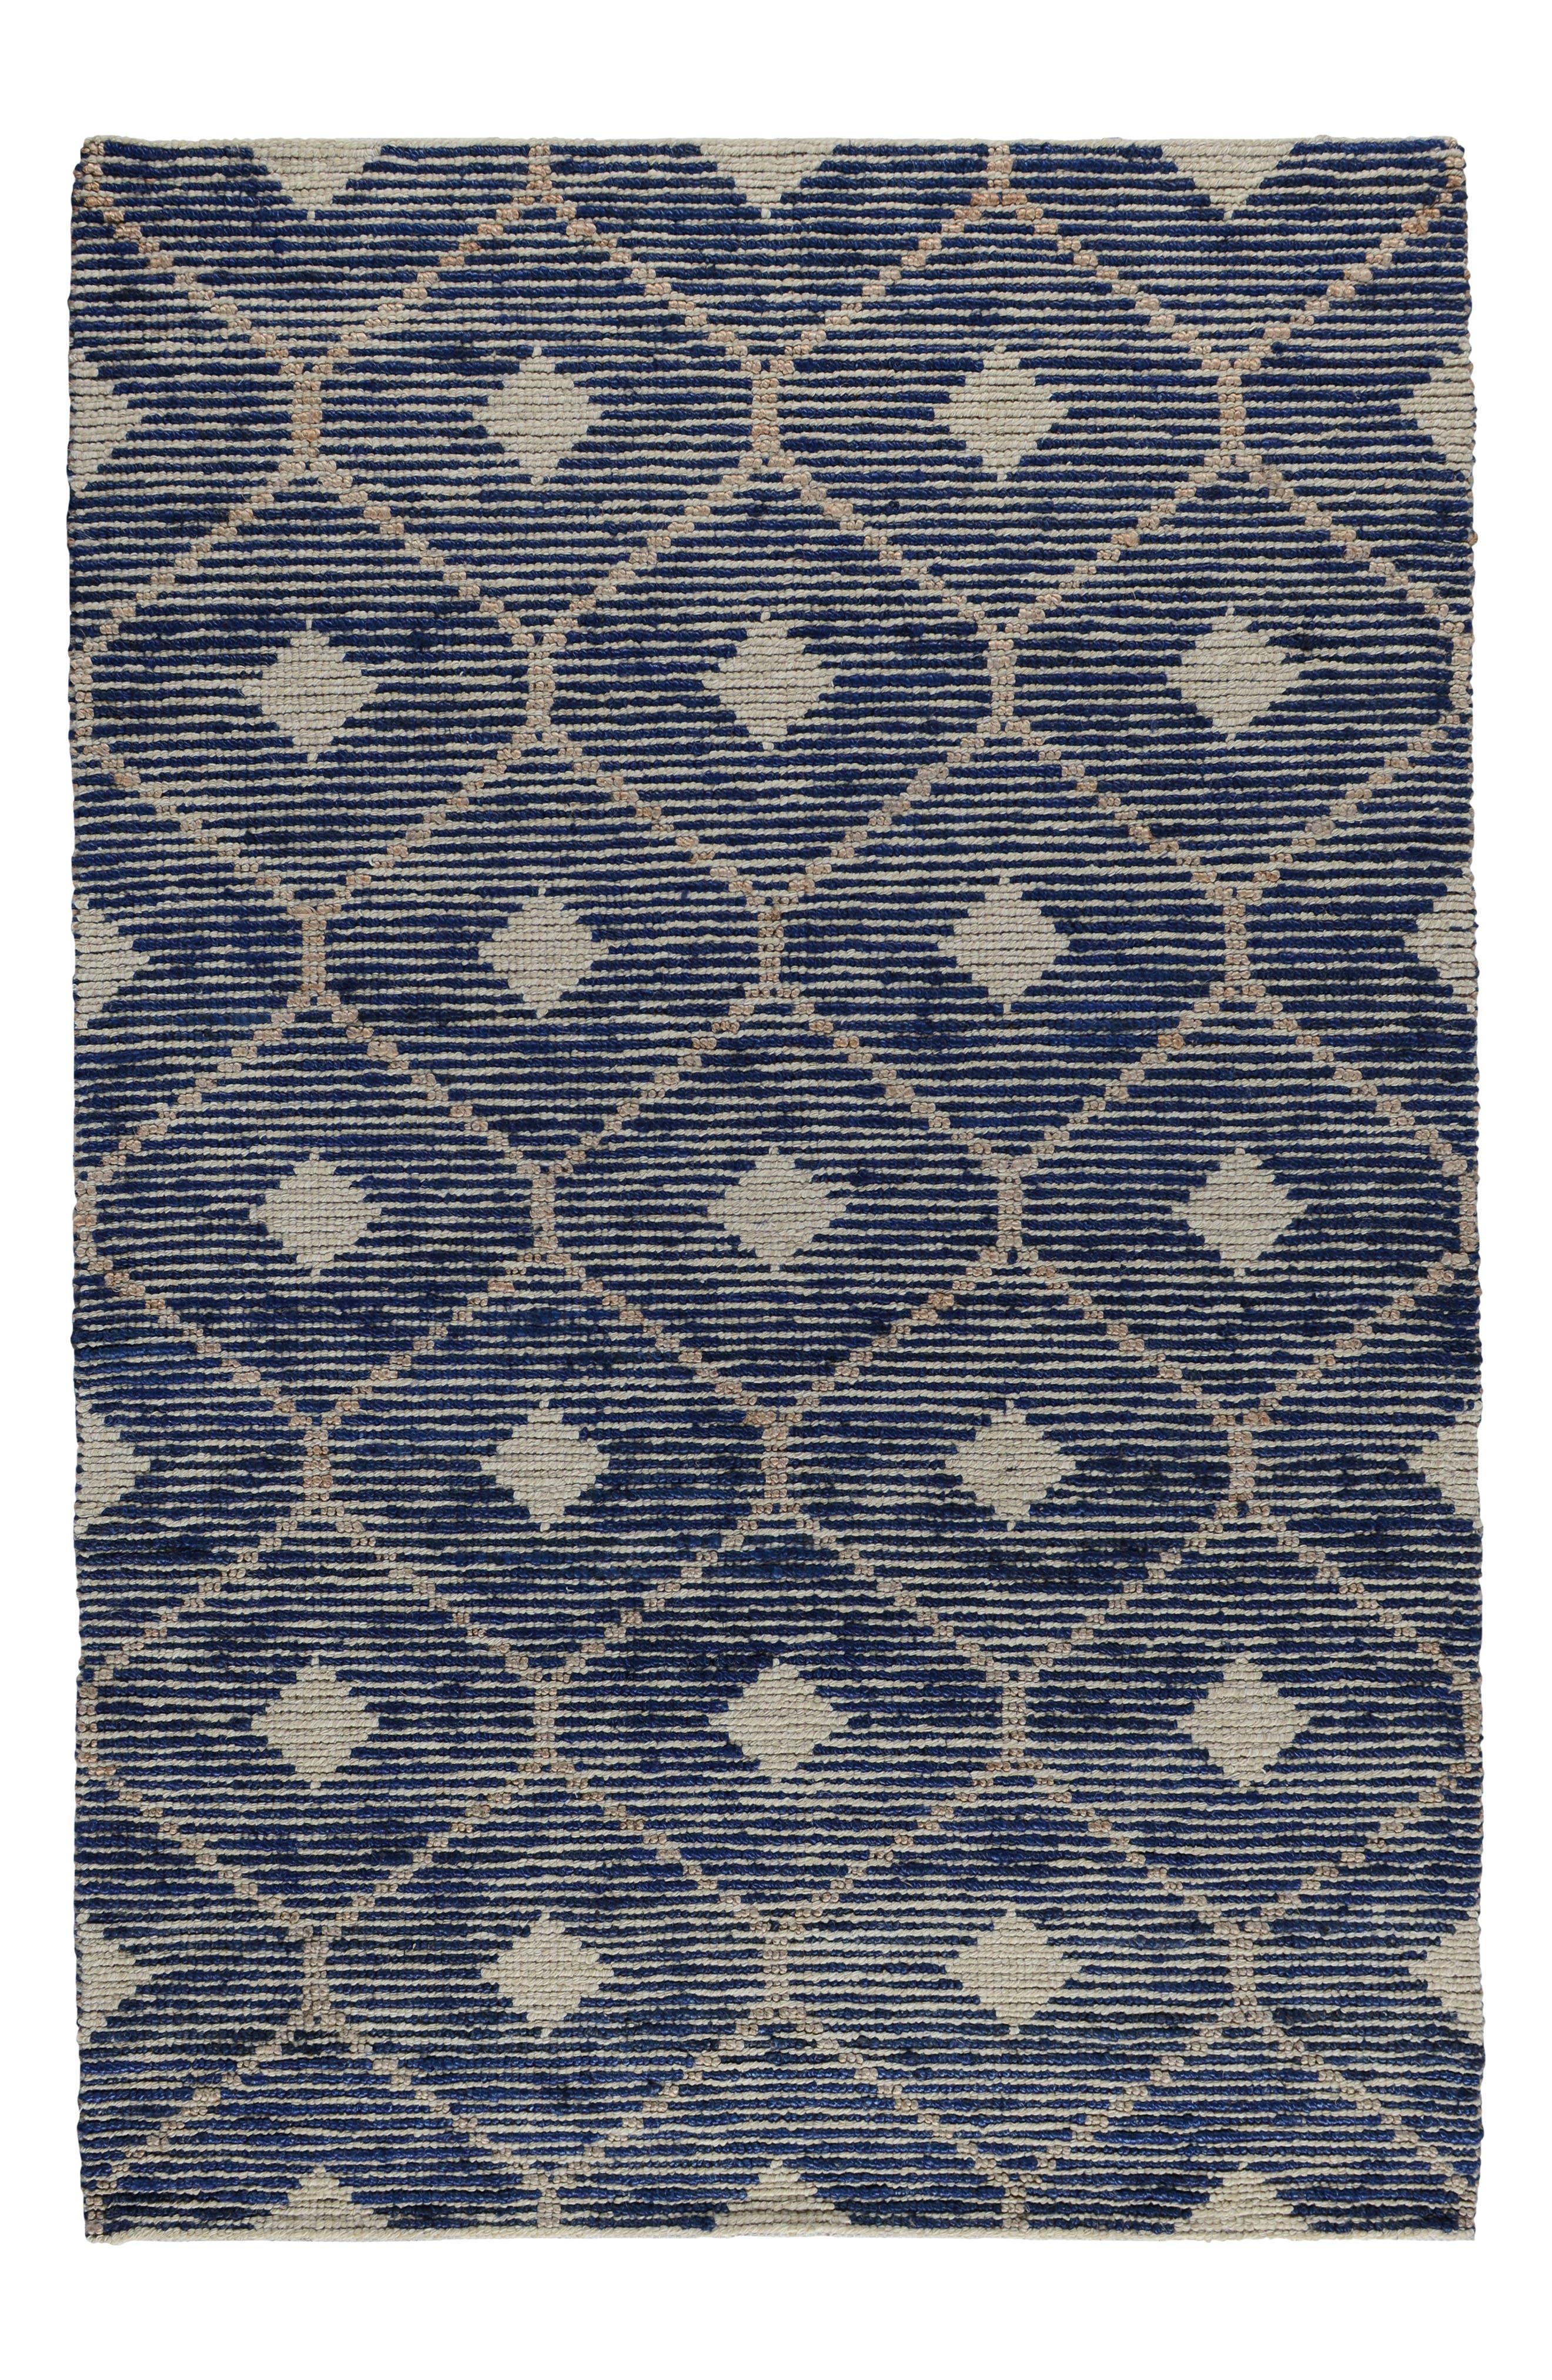 Rustica Handwoven Rug,                             Main thumbnail 1, color,                             Indigo